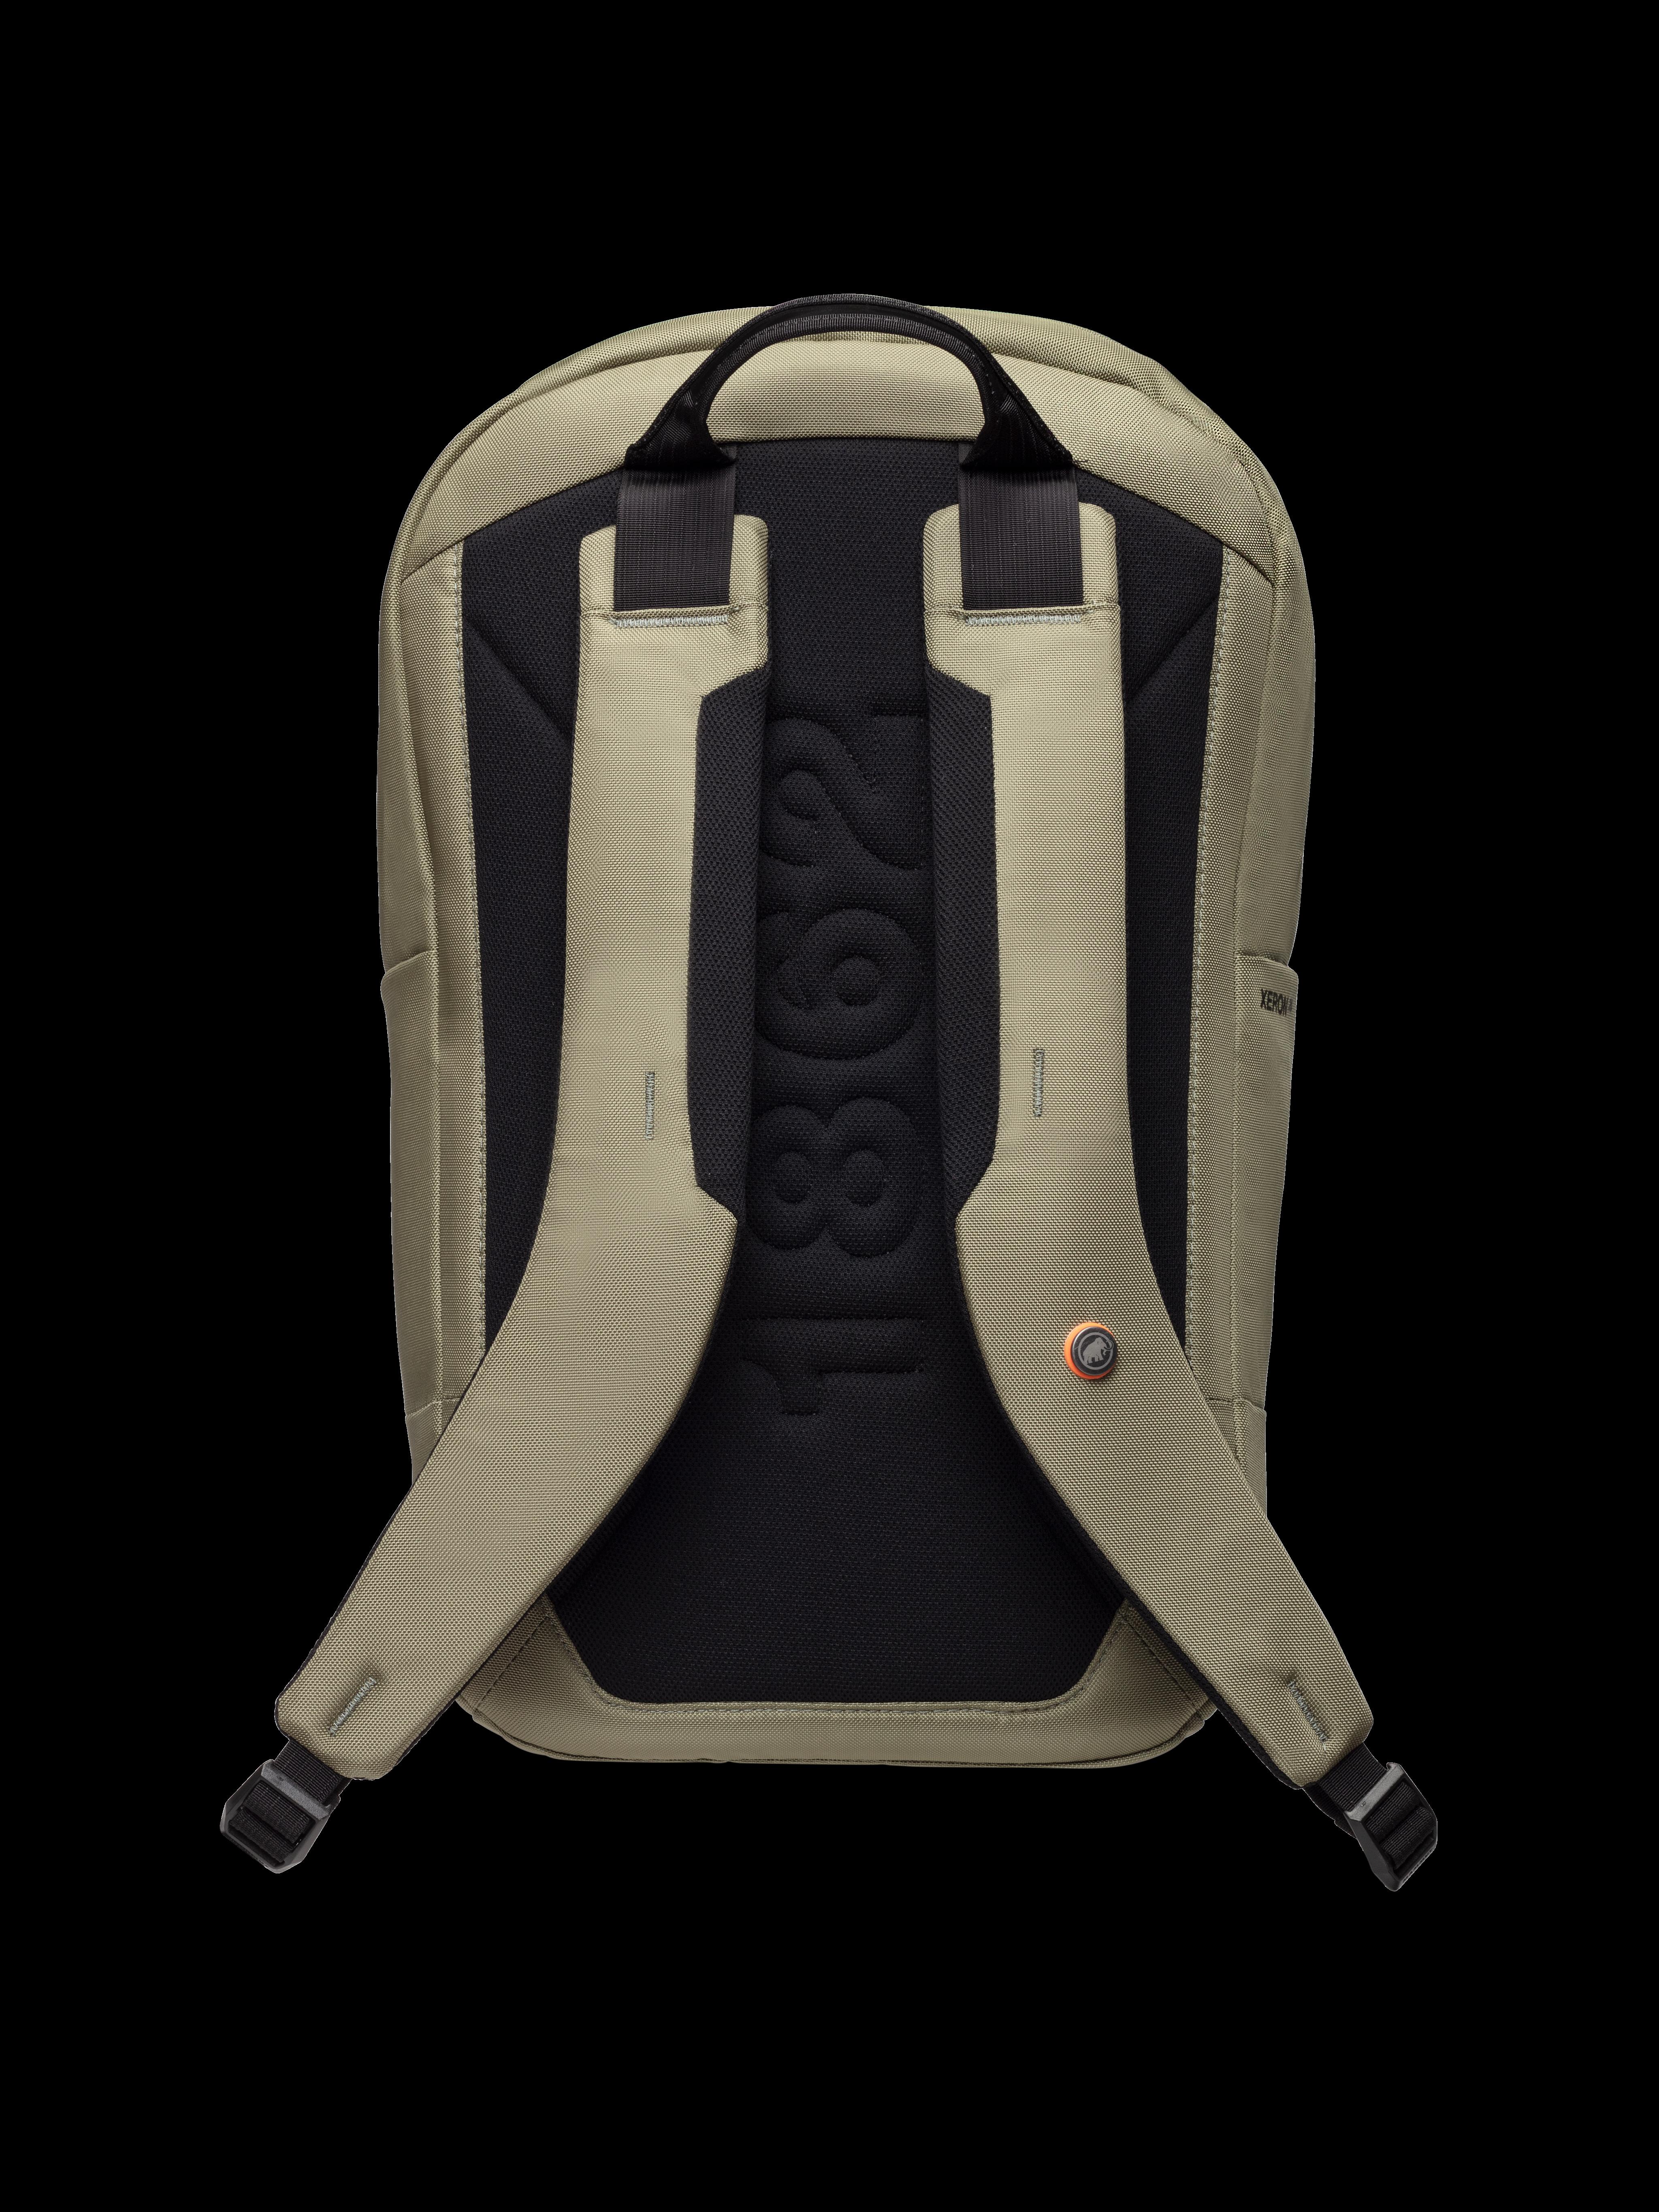 Xeron 25 product image